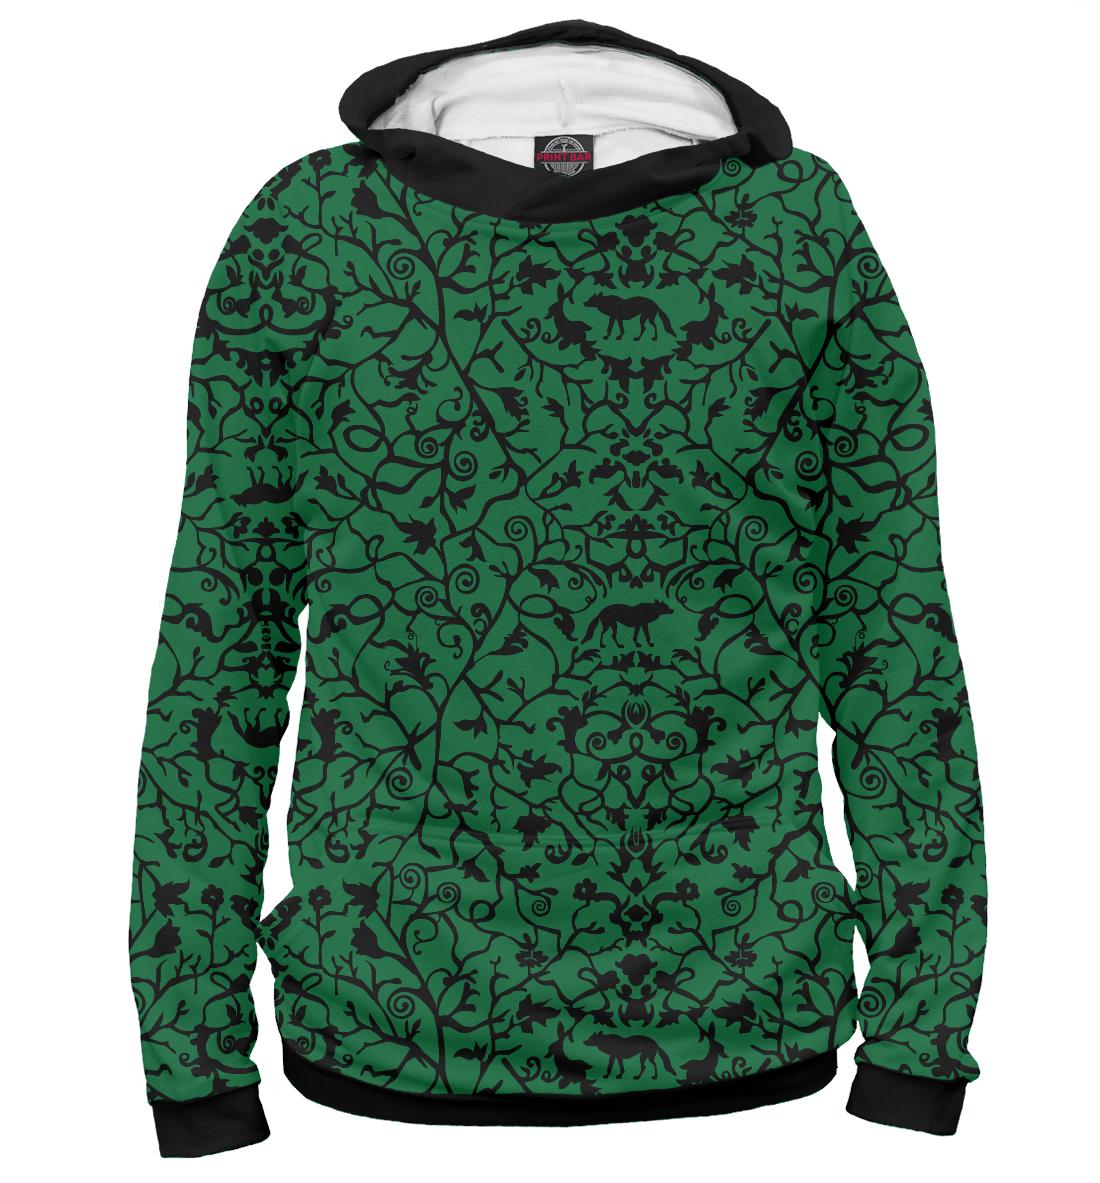 Купить Abstract Wolf Green, Printbar, Худи, ABS-712445-hud-1